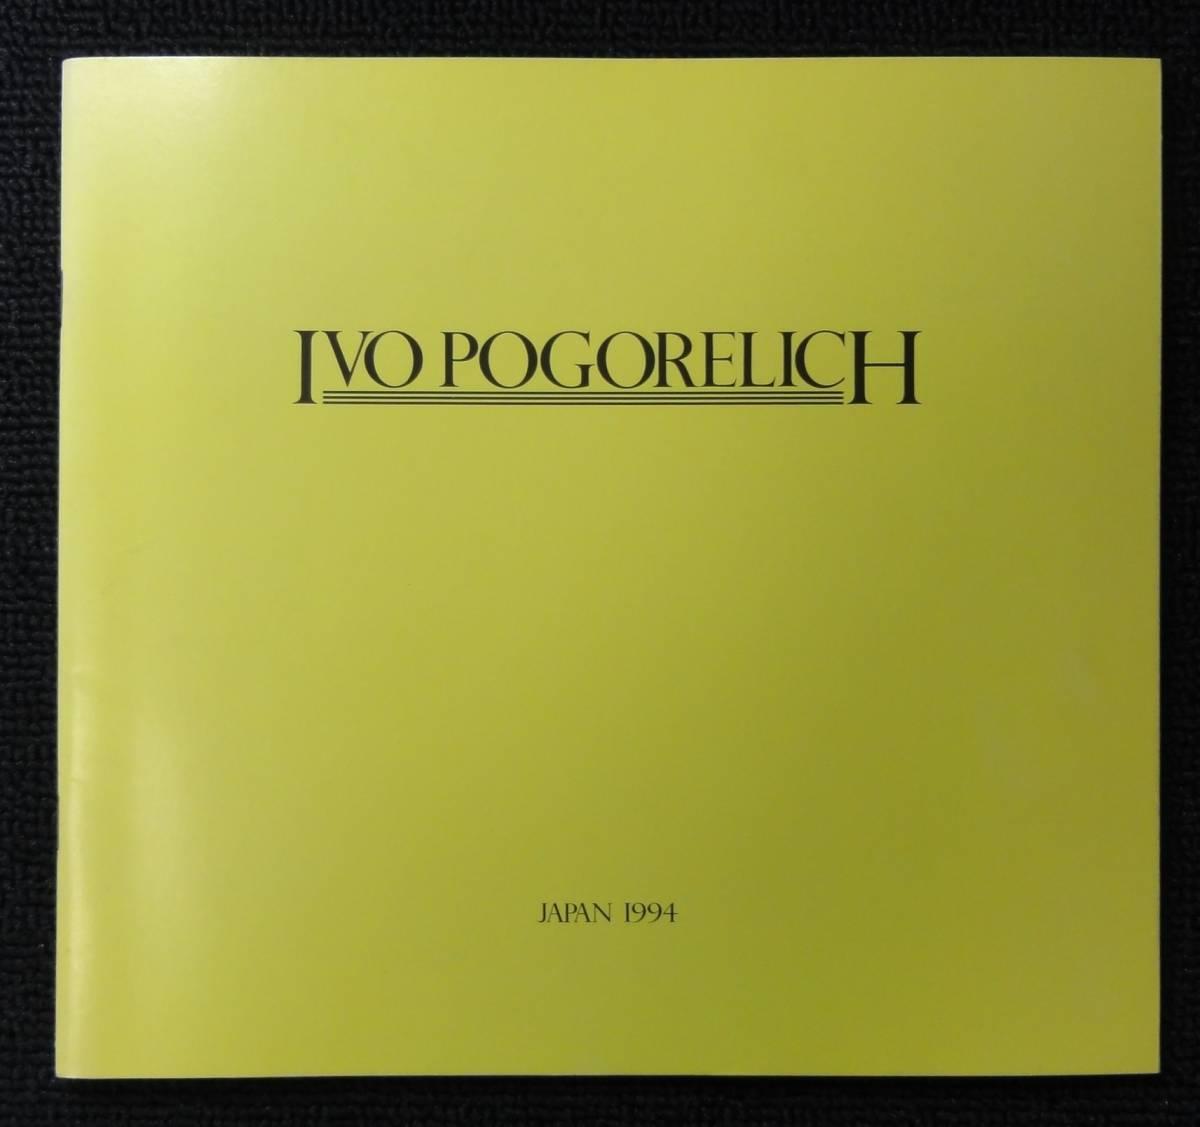 イーヴォ・ポゴレリッチ【1994年】日本公演プログラム